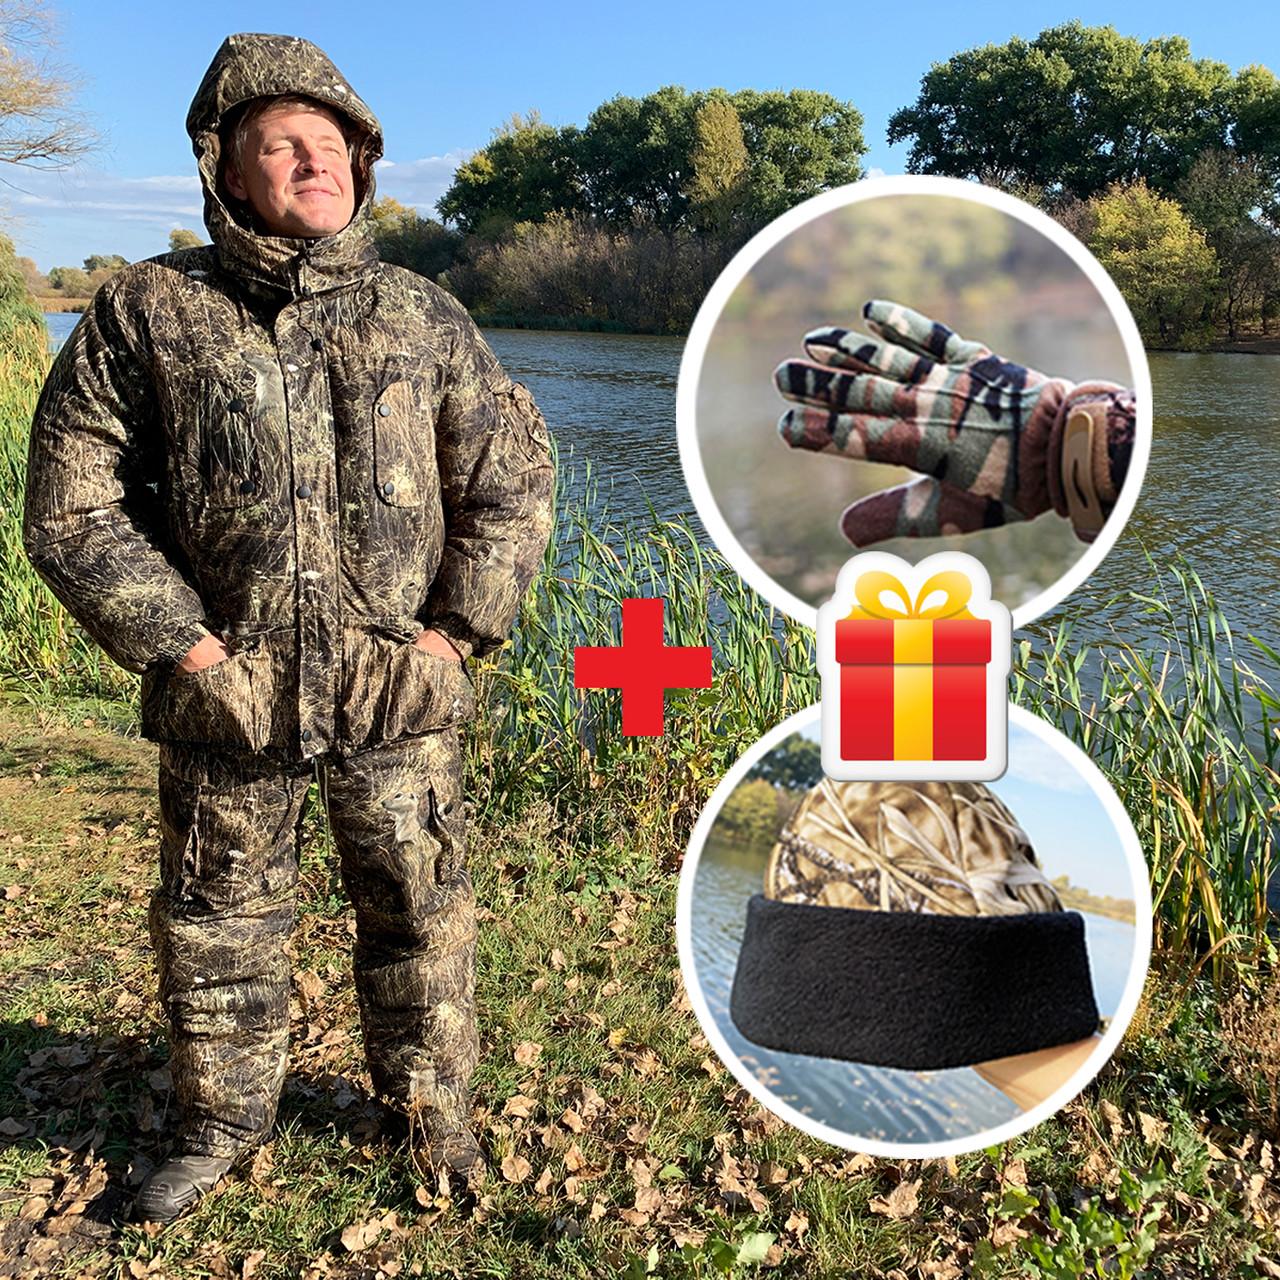 """Зимовий костюм до -40° """"Mavens Зубр"""" Очерет дикий, для риболовлі, полювання, роботи в холоді, розмір 60-62 (031-0022)"""